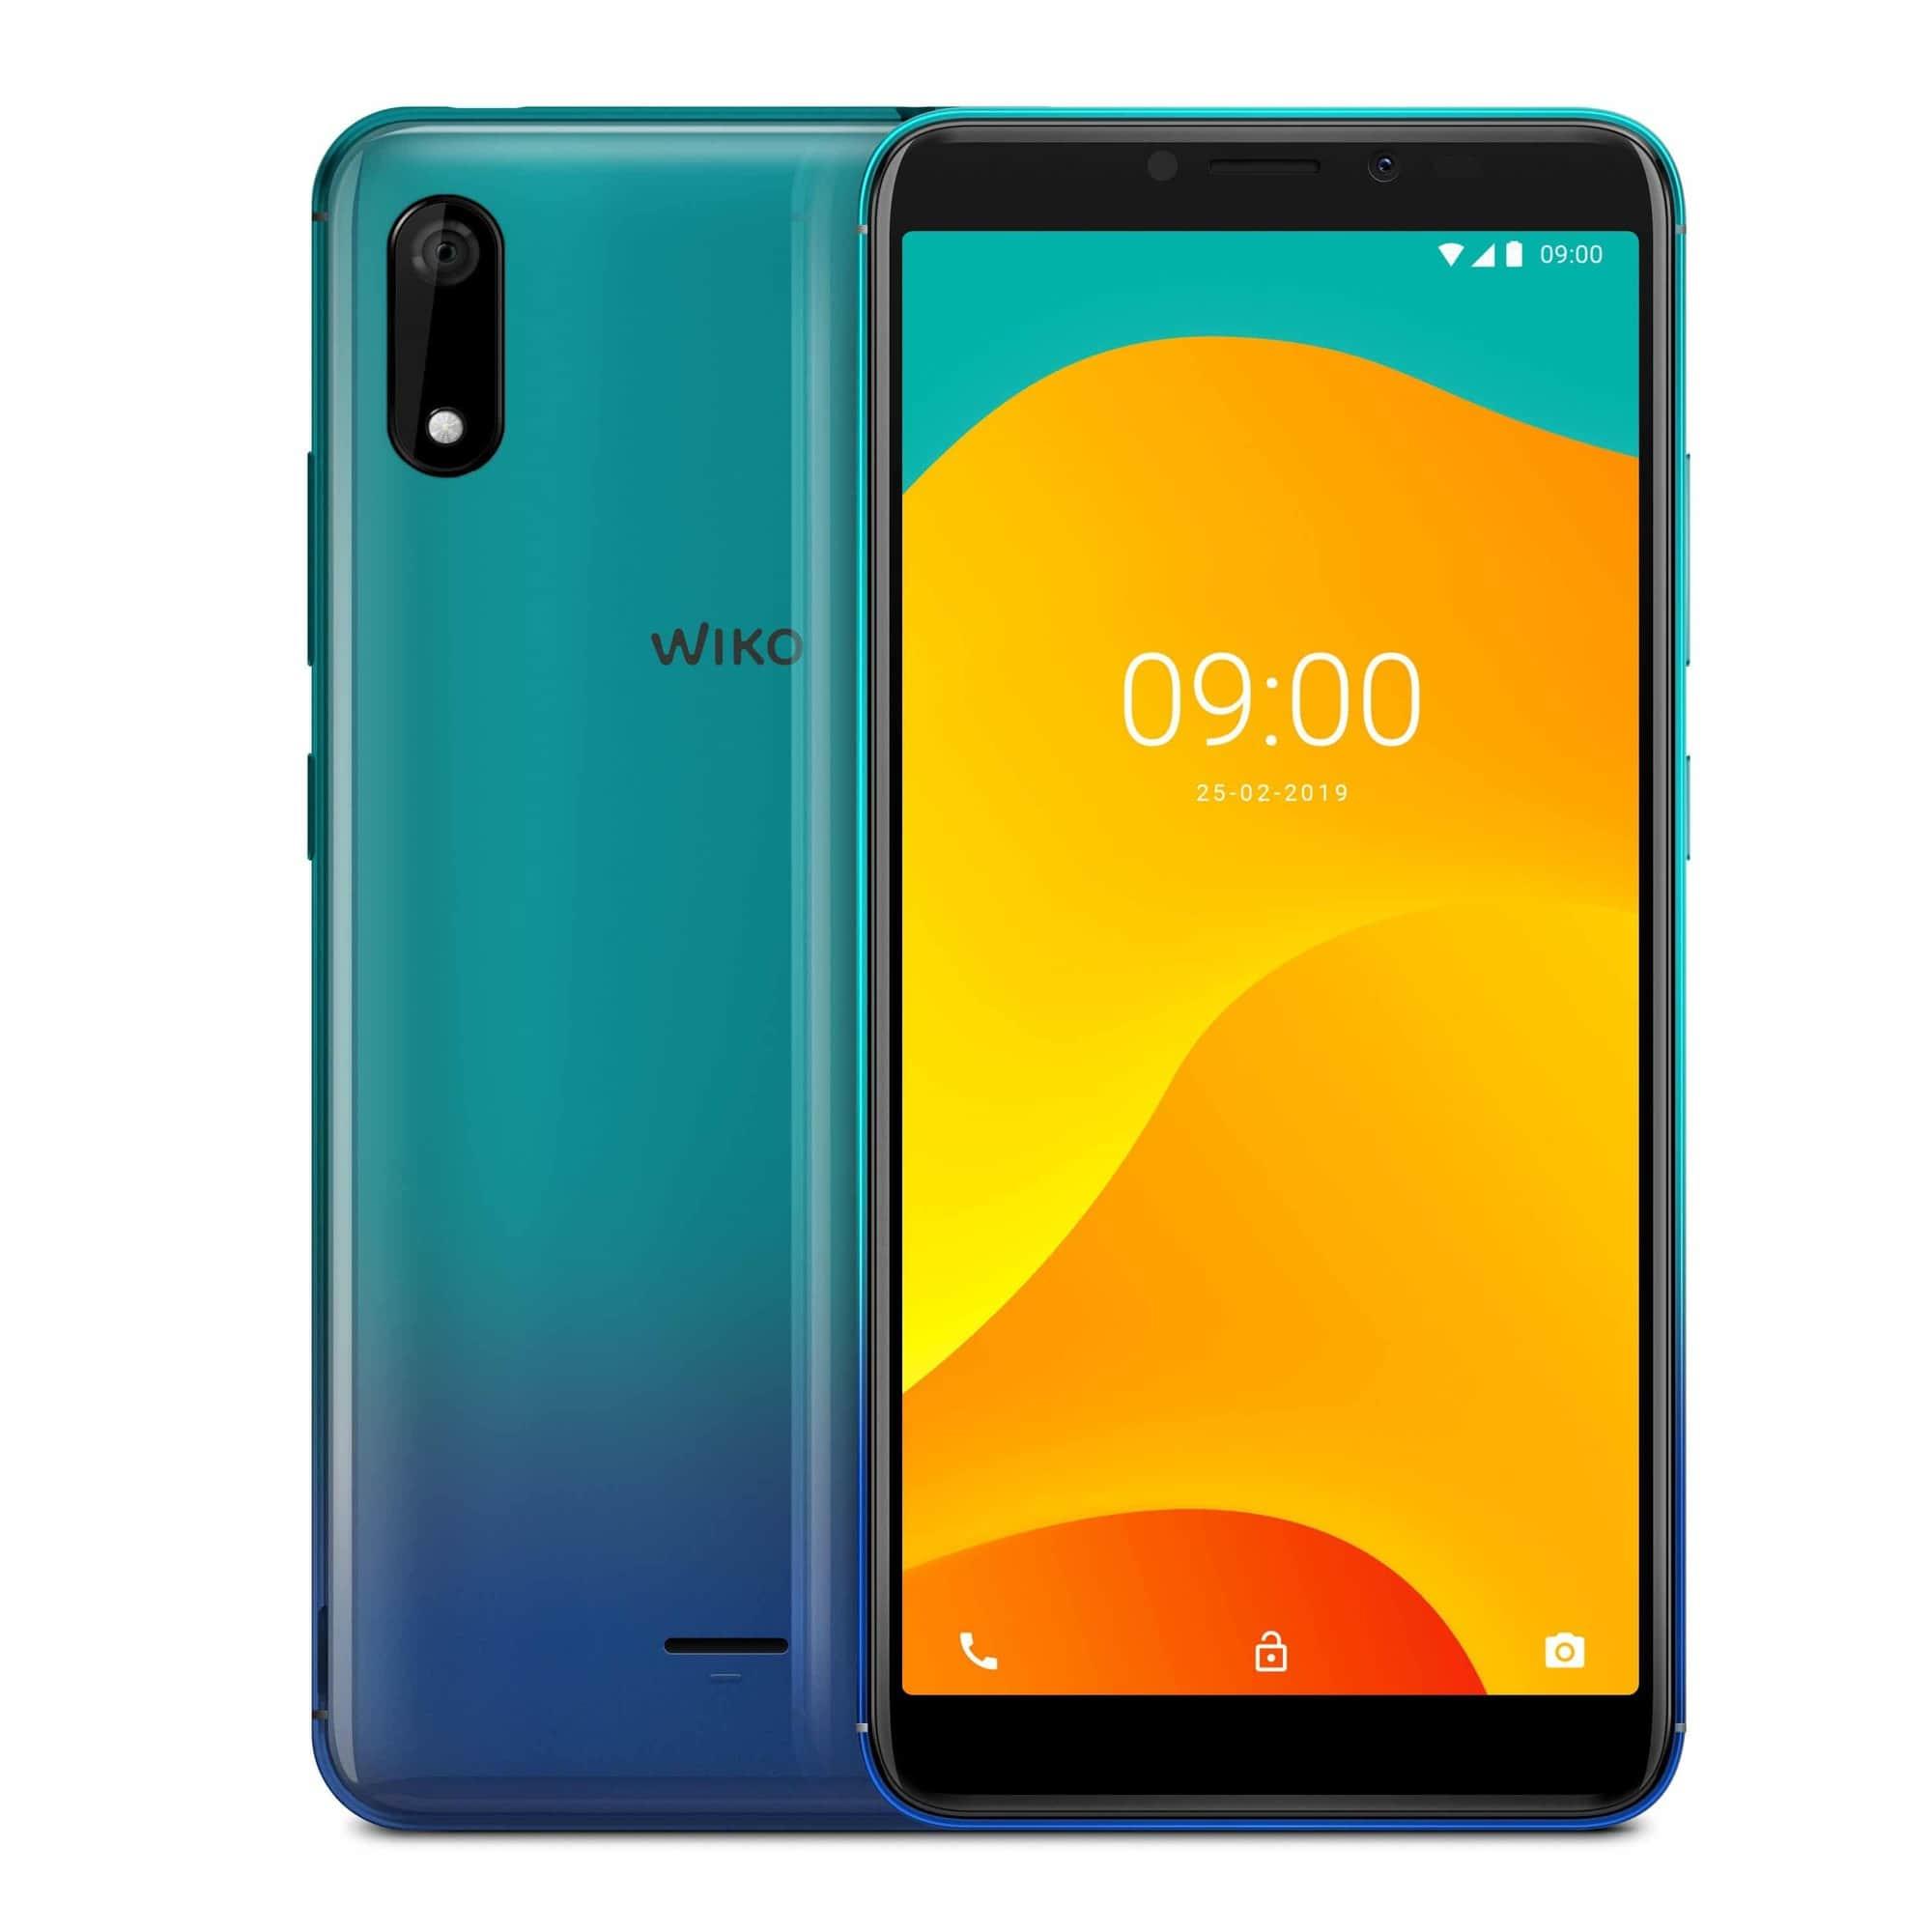 Wiko Sunny4 Plus มือถือจอกว้างคมชัดในราคาสุดคุ้มค่า 2